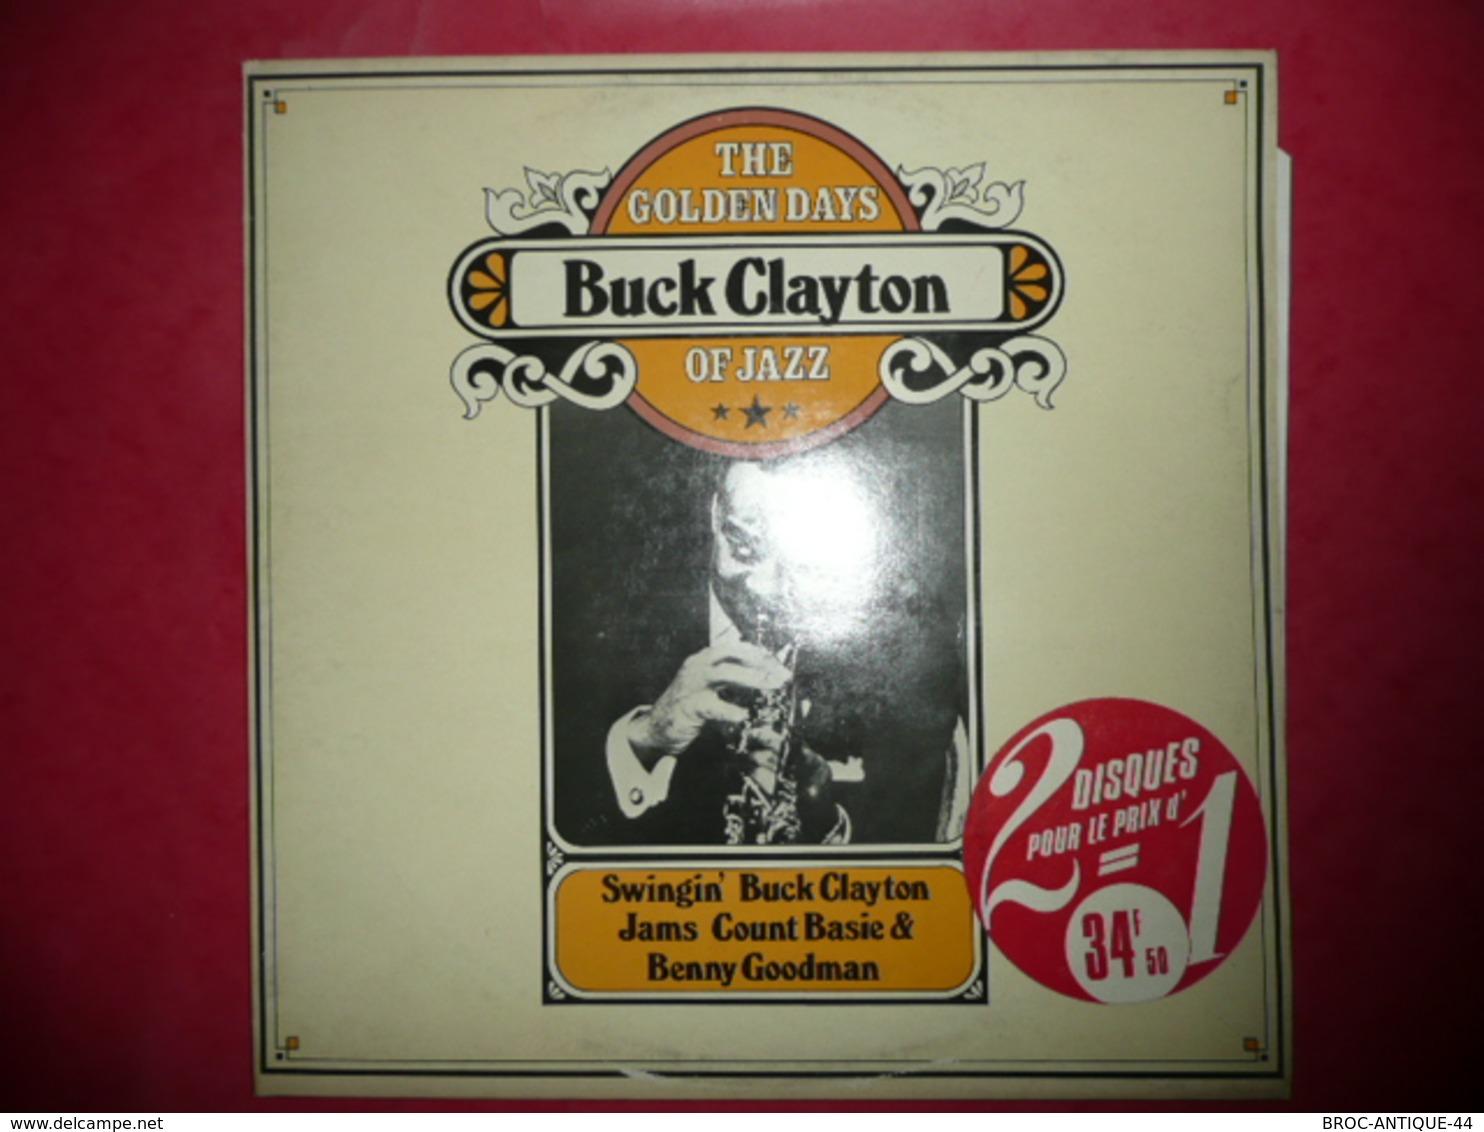 LP33 N°1318 - THE GOLDEN DAYS OF JAZZ - BUCK CLAYTON - 2 LP 7 TITRES - Jazz